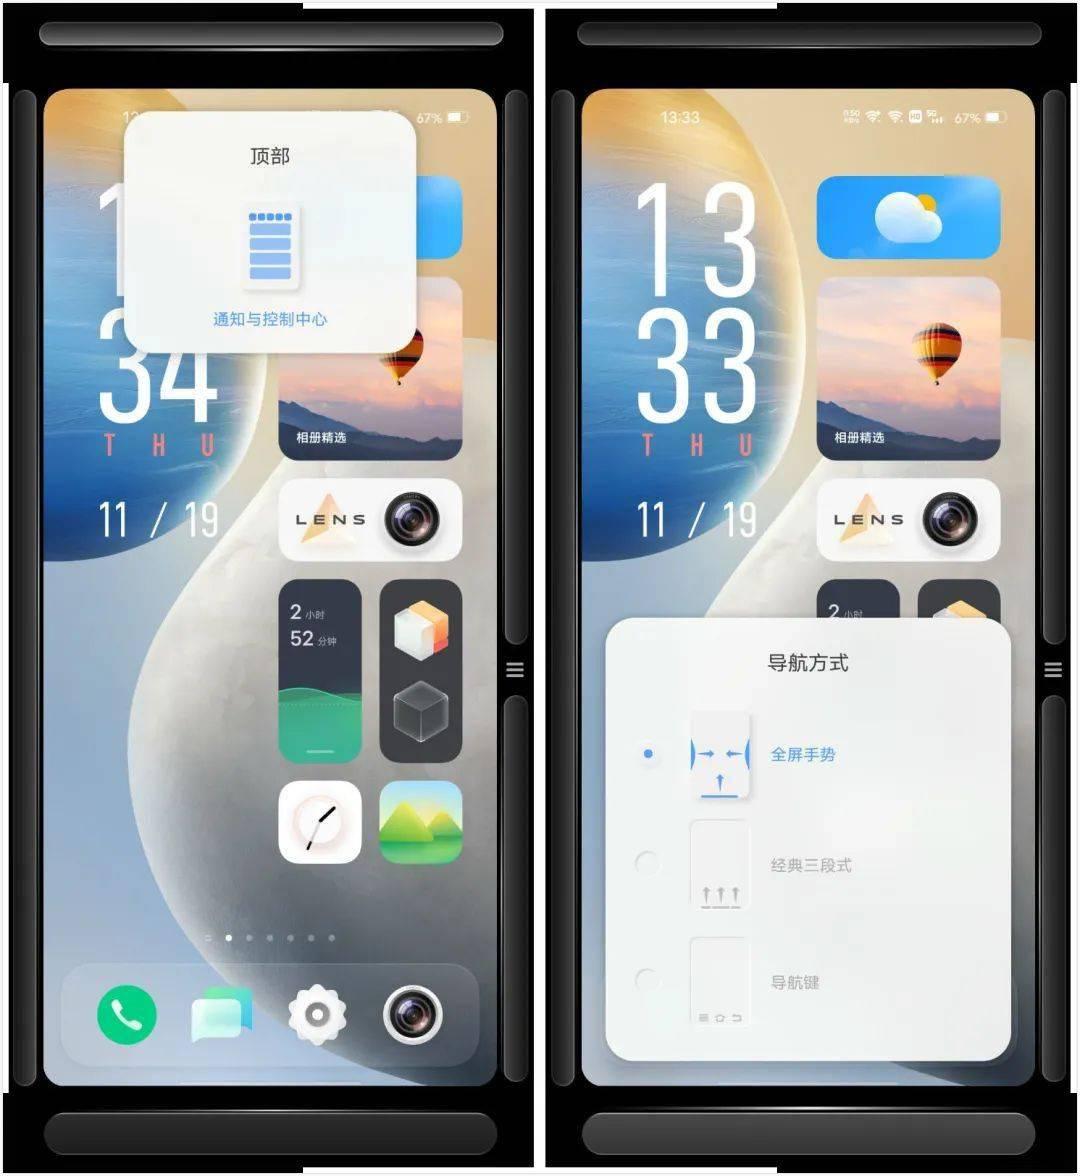 OriginOS 深度体验:设计和交互全面进化,vivo 重新思考了手机系统的未来